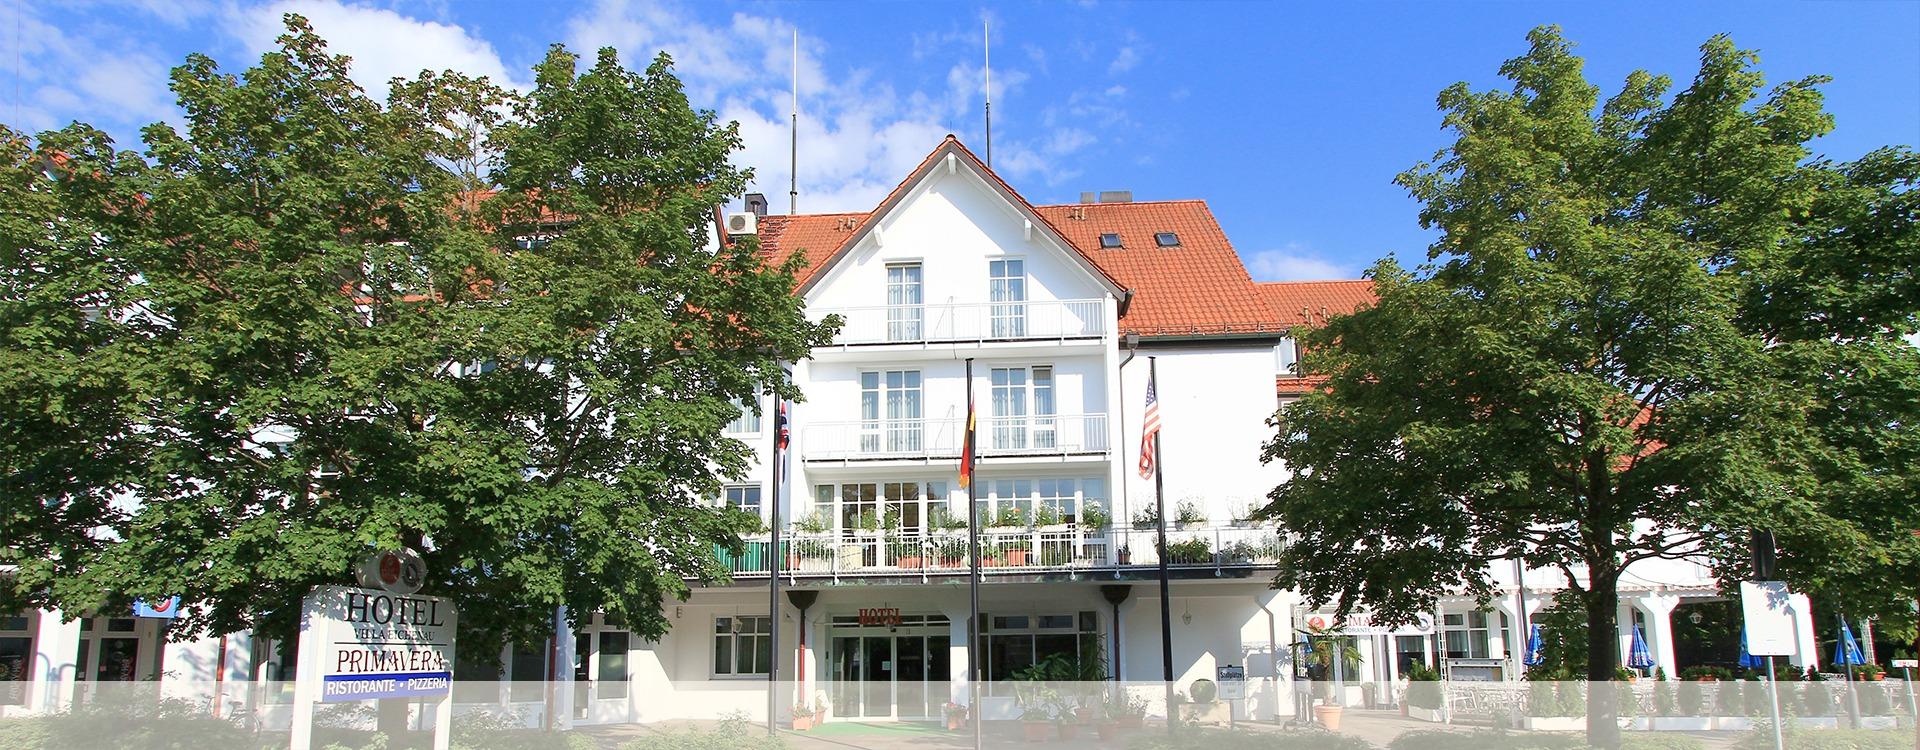 Hotel in Eichenau, nahe München, nahe Fürstenfeldbruck